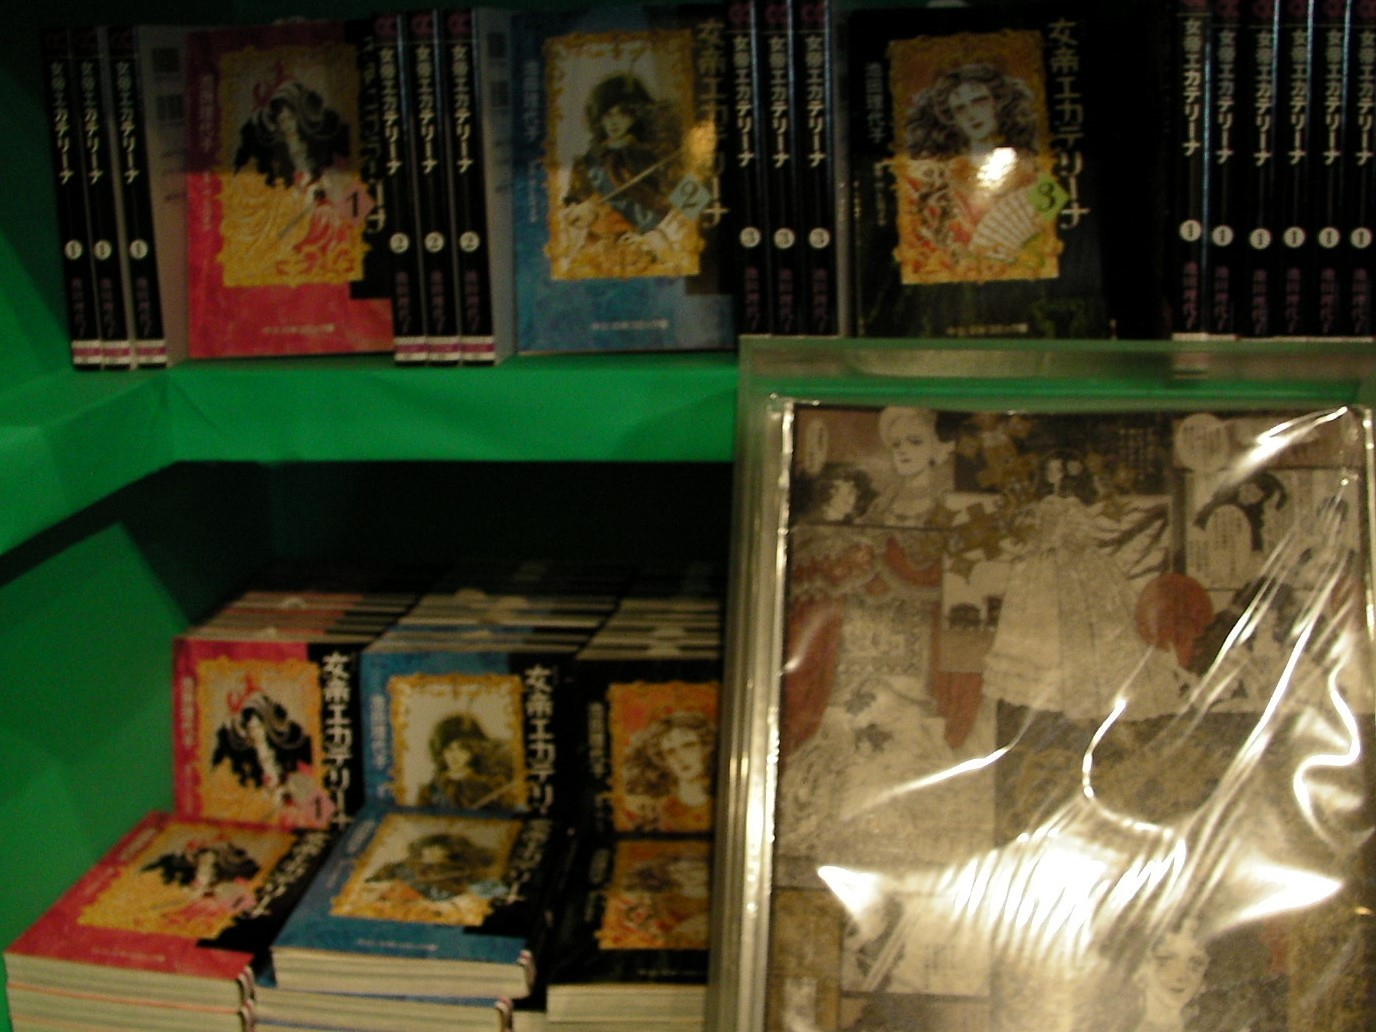 展覧会グッズの一部。『ベルサイユのばら』でおなじみ池田理代子先生のマンガで、エカテリーナ2世の生涯がおさらいできる